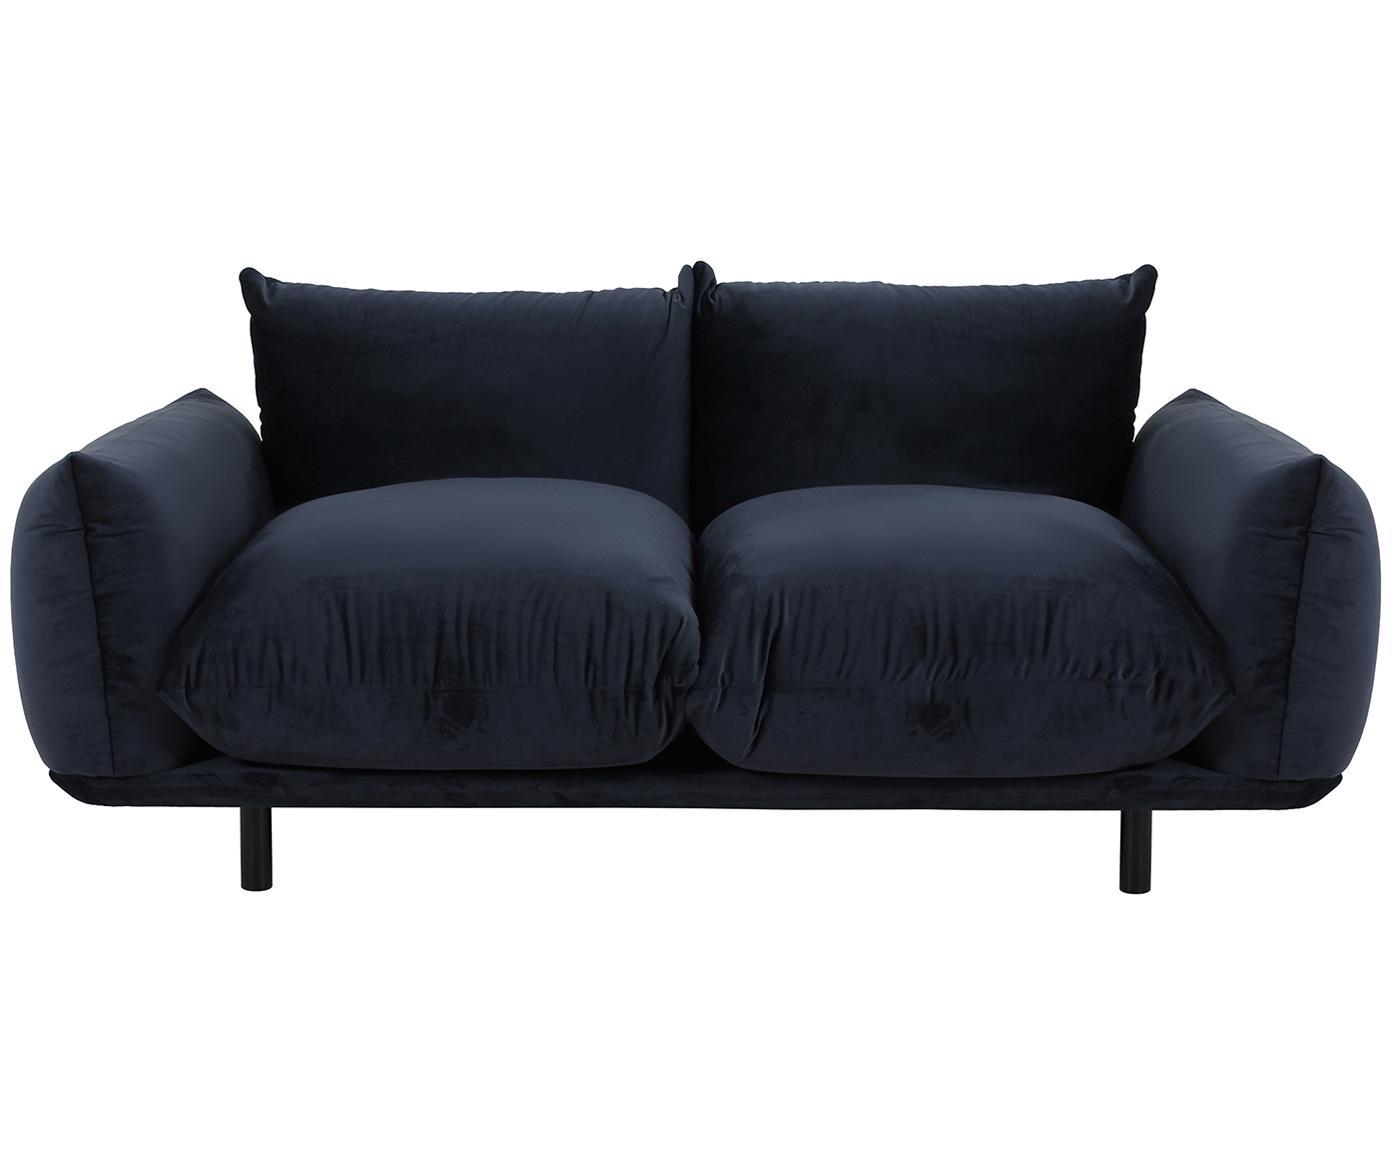 Fluwelen bank Saga (3-zits), Bekleding: 100% polyesterfluweel, Frame: massief berkenhout, Poten: gepoedercoat metaal, Donkerblauw, B 170 x D 103 cm